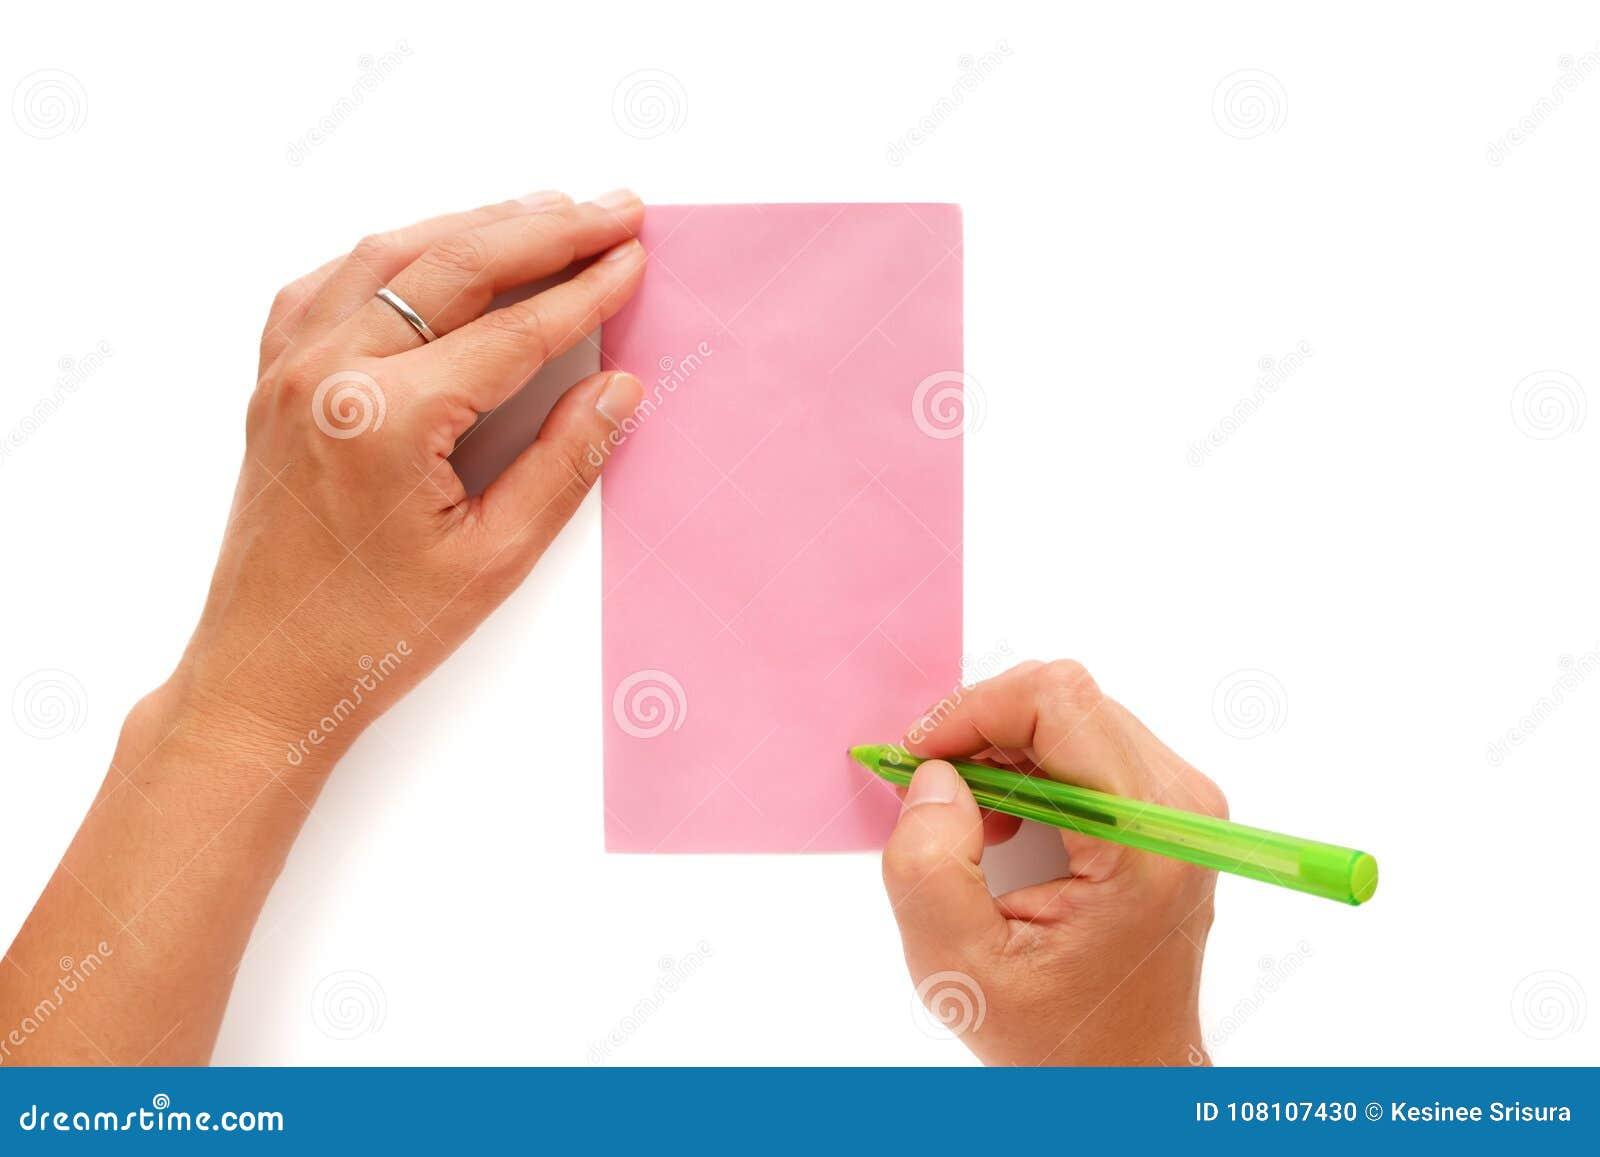 Remettez tenir un stylo et en étant adressé sur une enveloppe rose